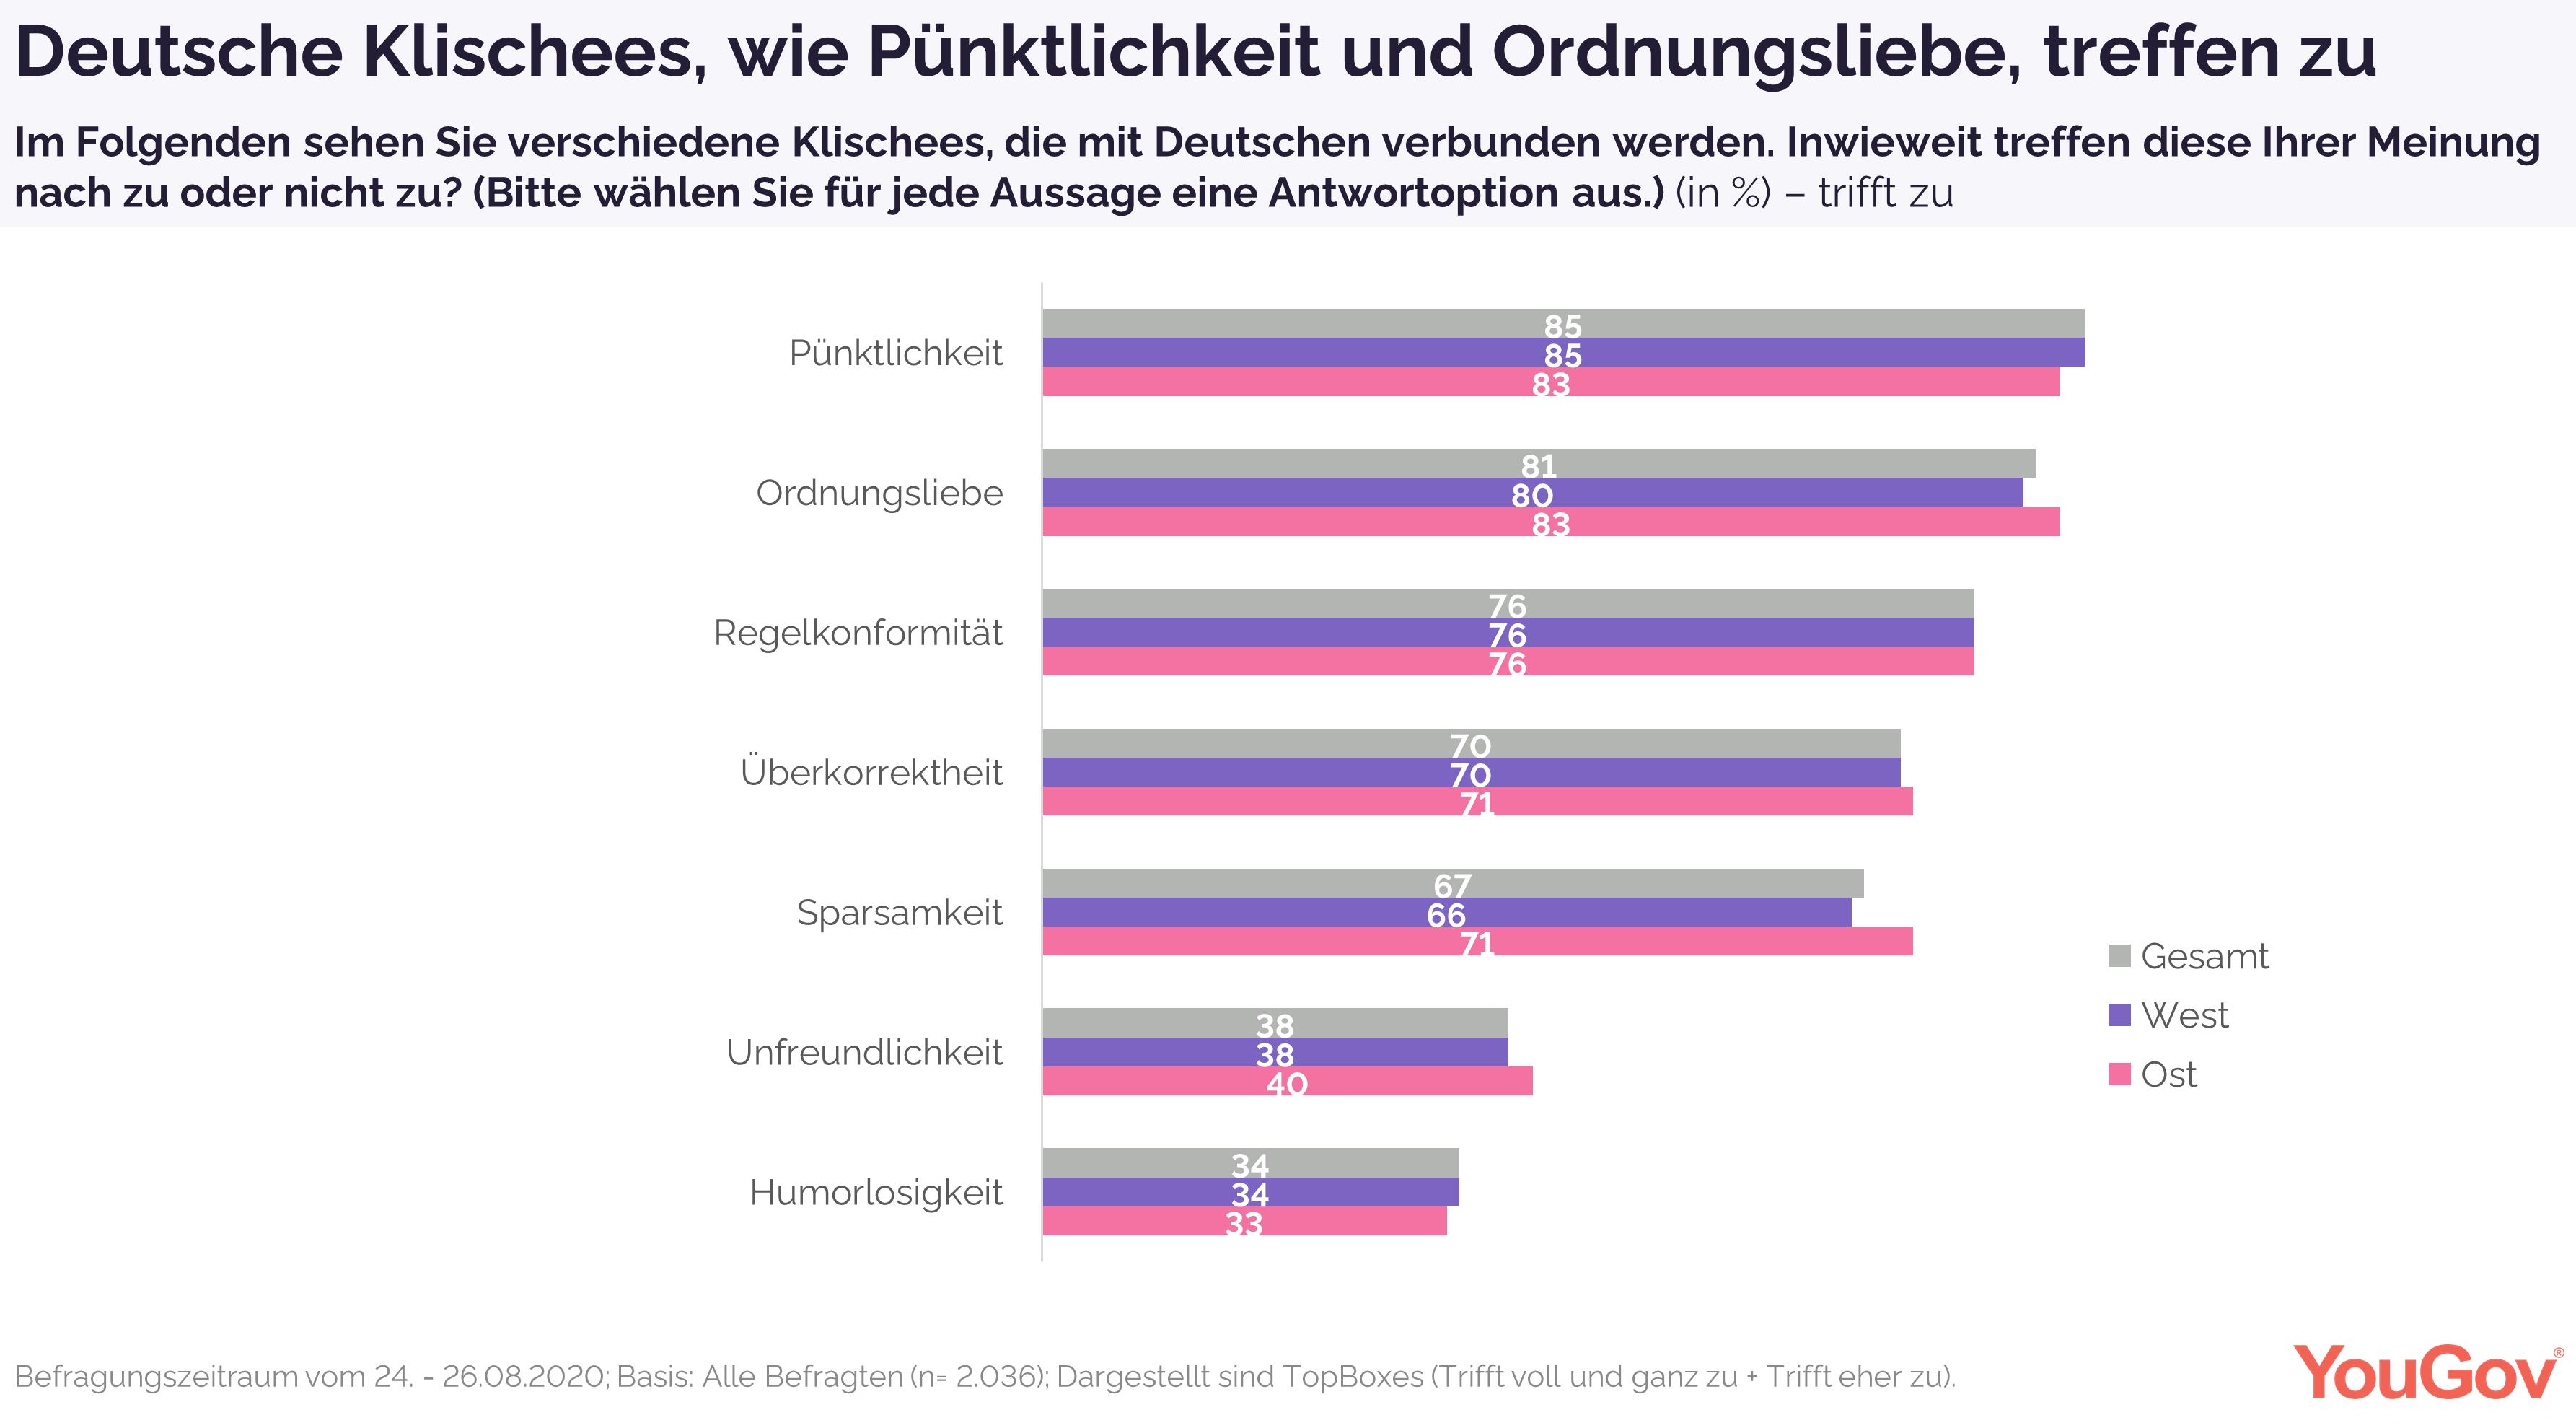 Über das Zutreffen deutscher Klischees